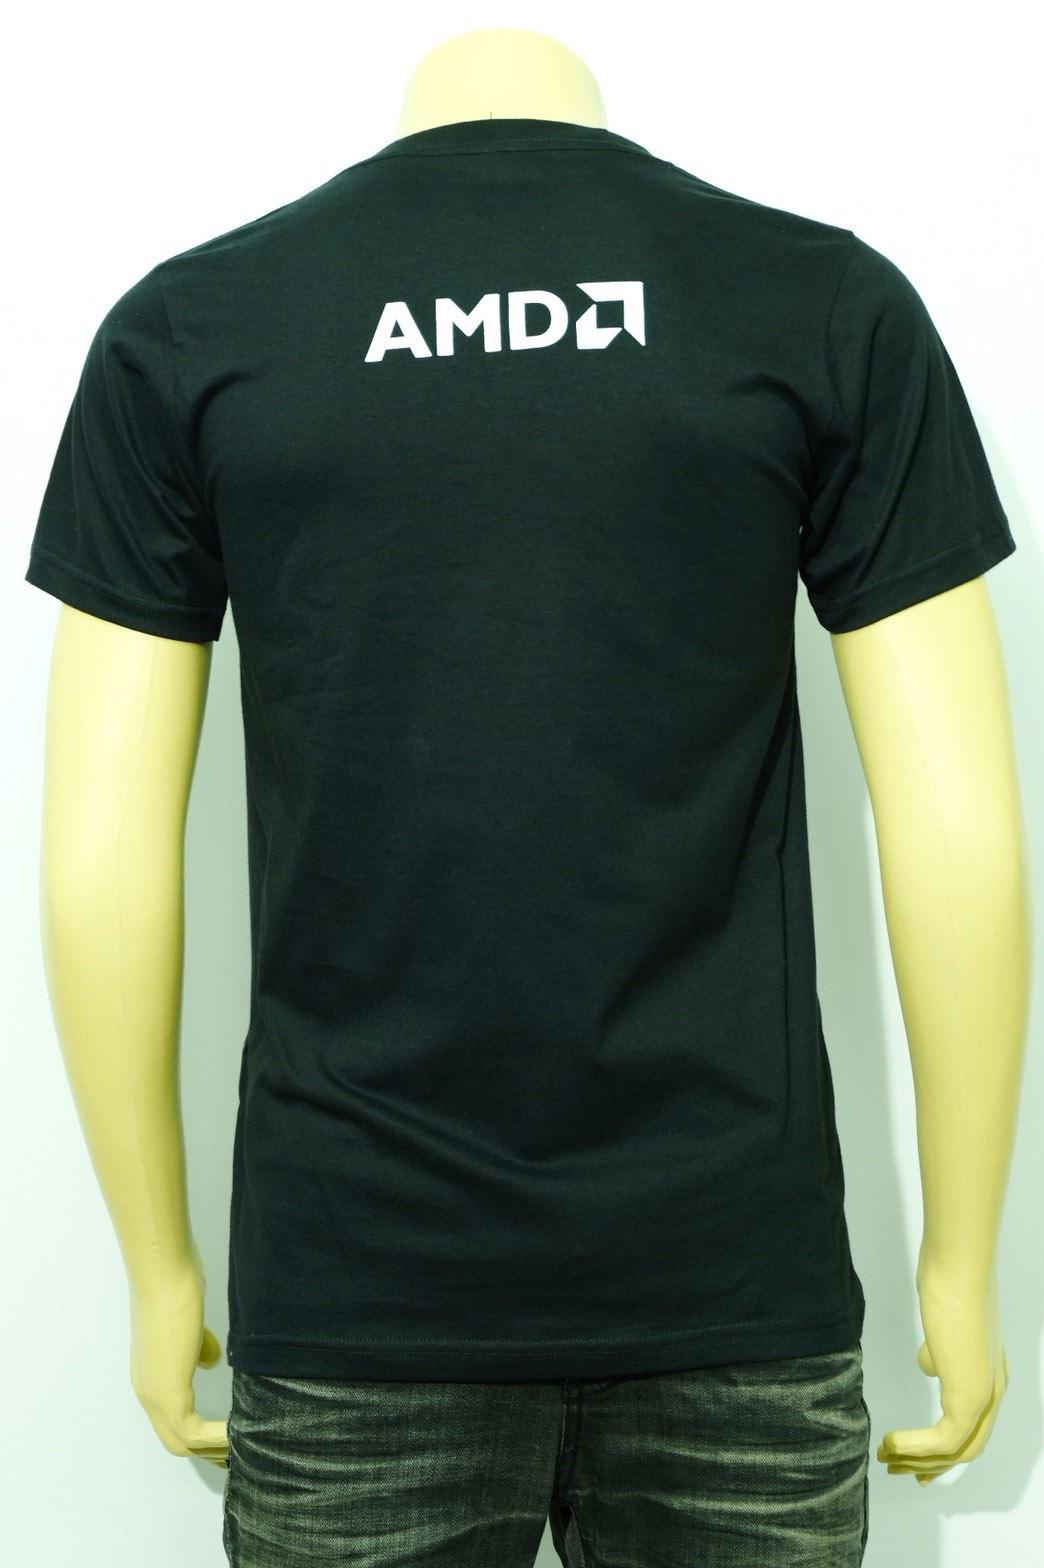 เสื้อยืดคอกลมสีดำ พร้อมสกรีนลาย